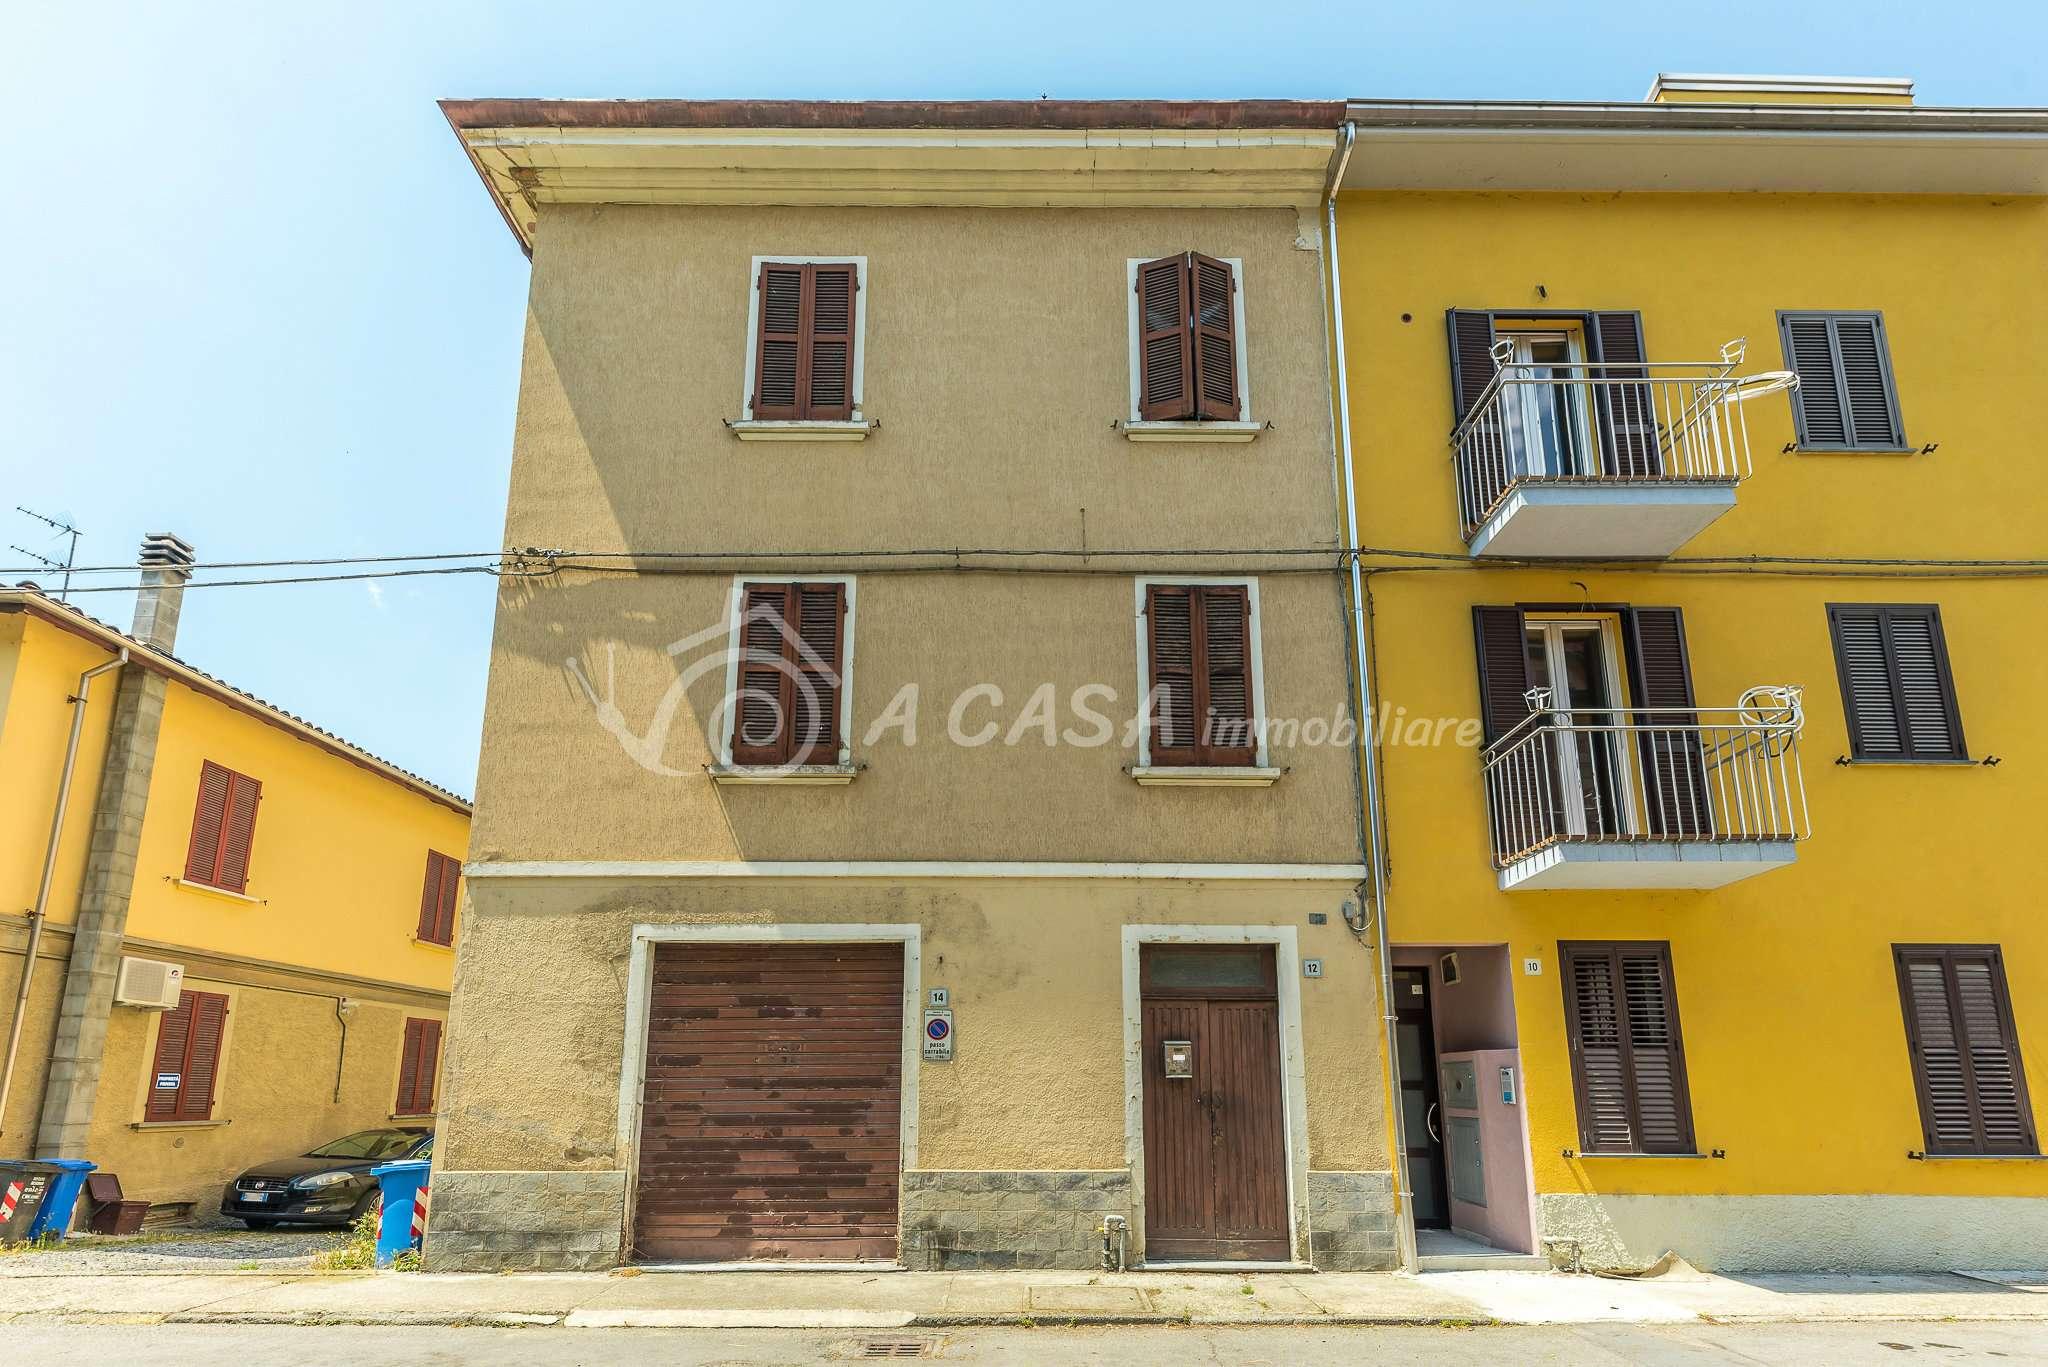 Appartamento in vendita a Salsomaggiore Terme, 2 locali, prezzo € 22.000 | CambioCasa.it